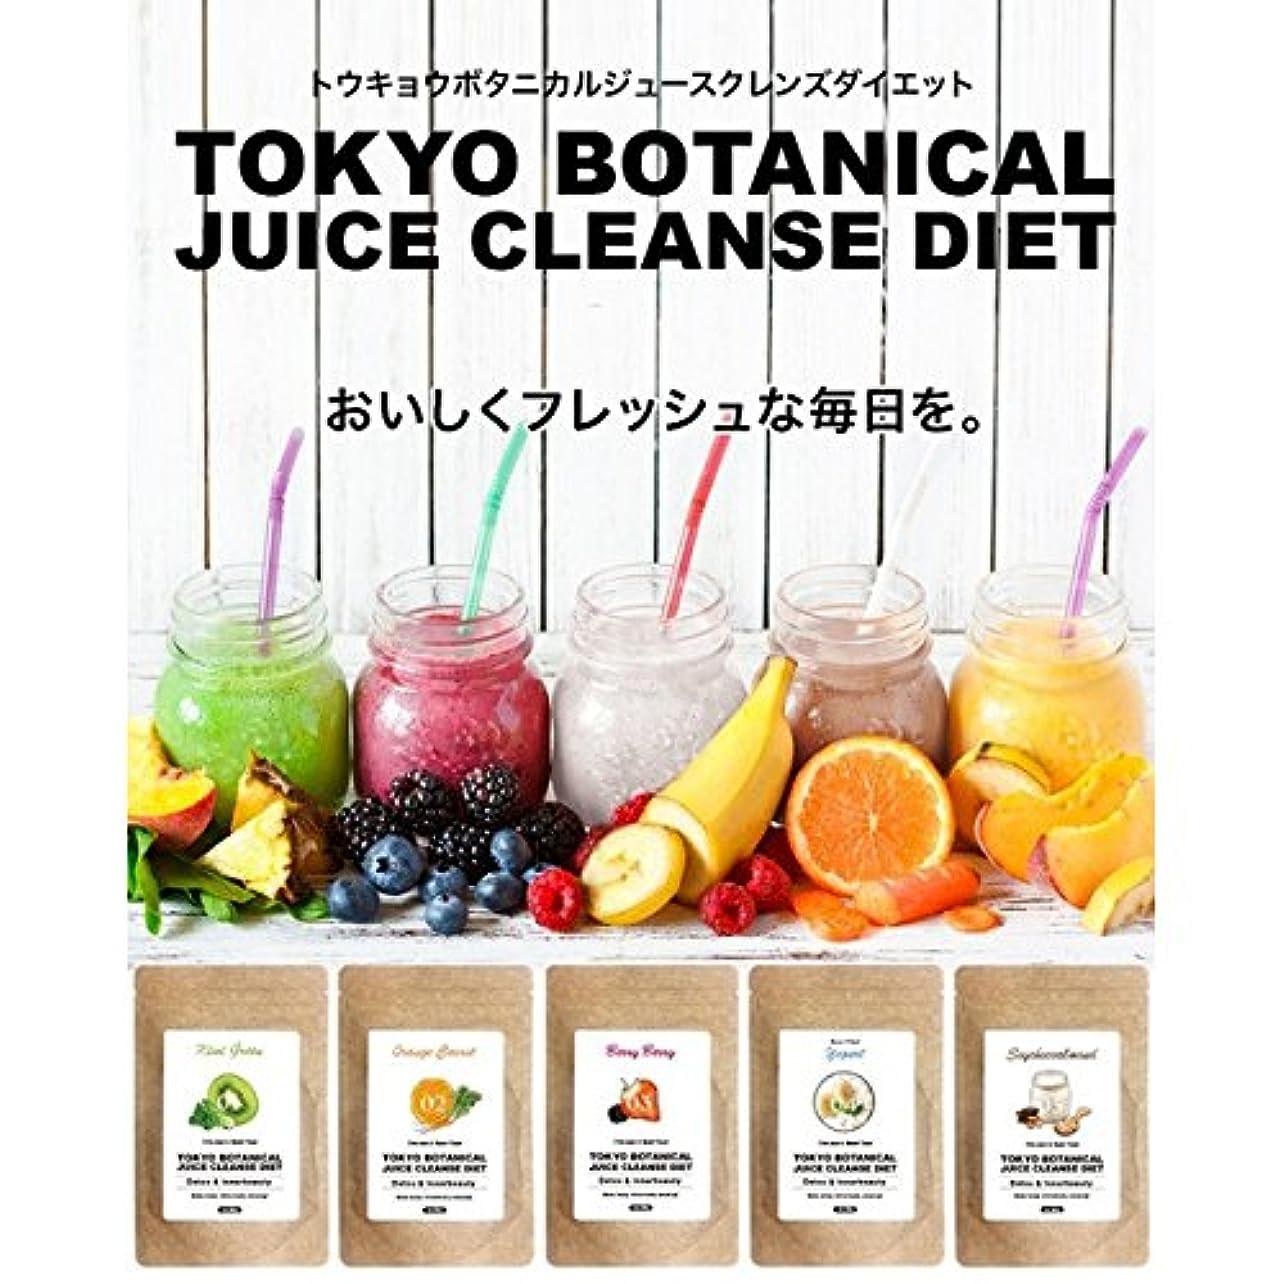 準備する決済余裕がある東京ボタニカルジュースクレンズダイエット  キウイグリーン&ヨーグルトセット